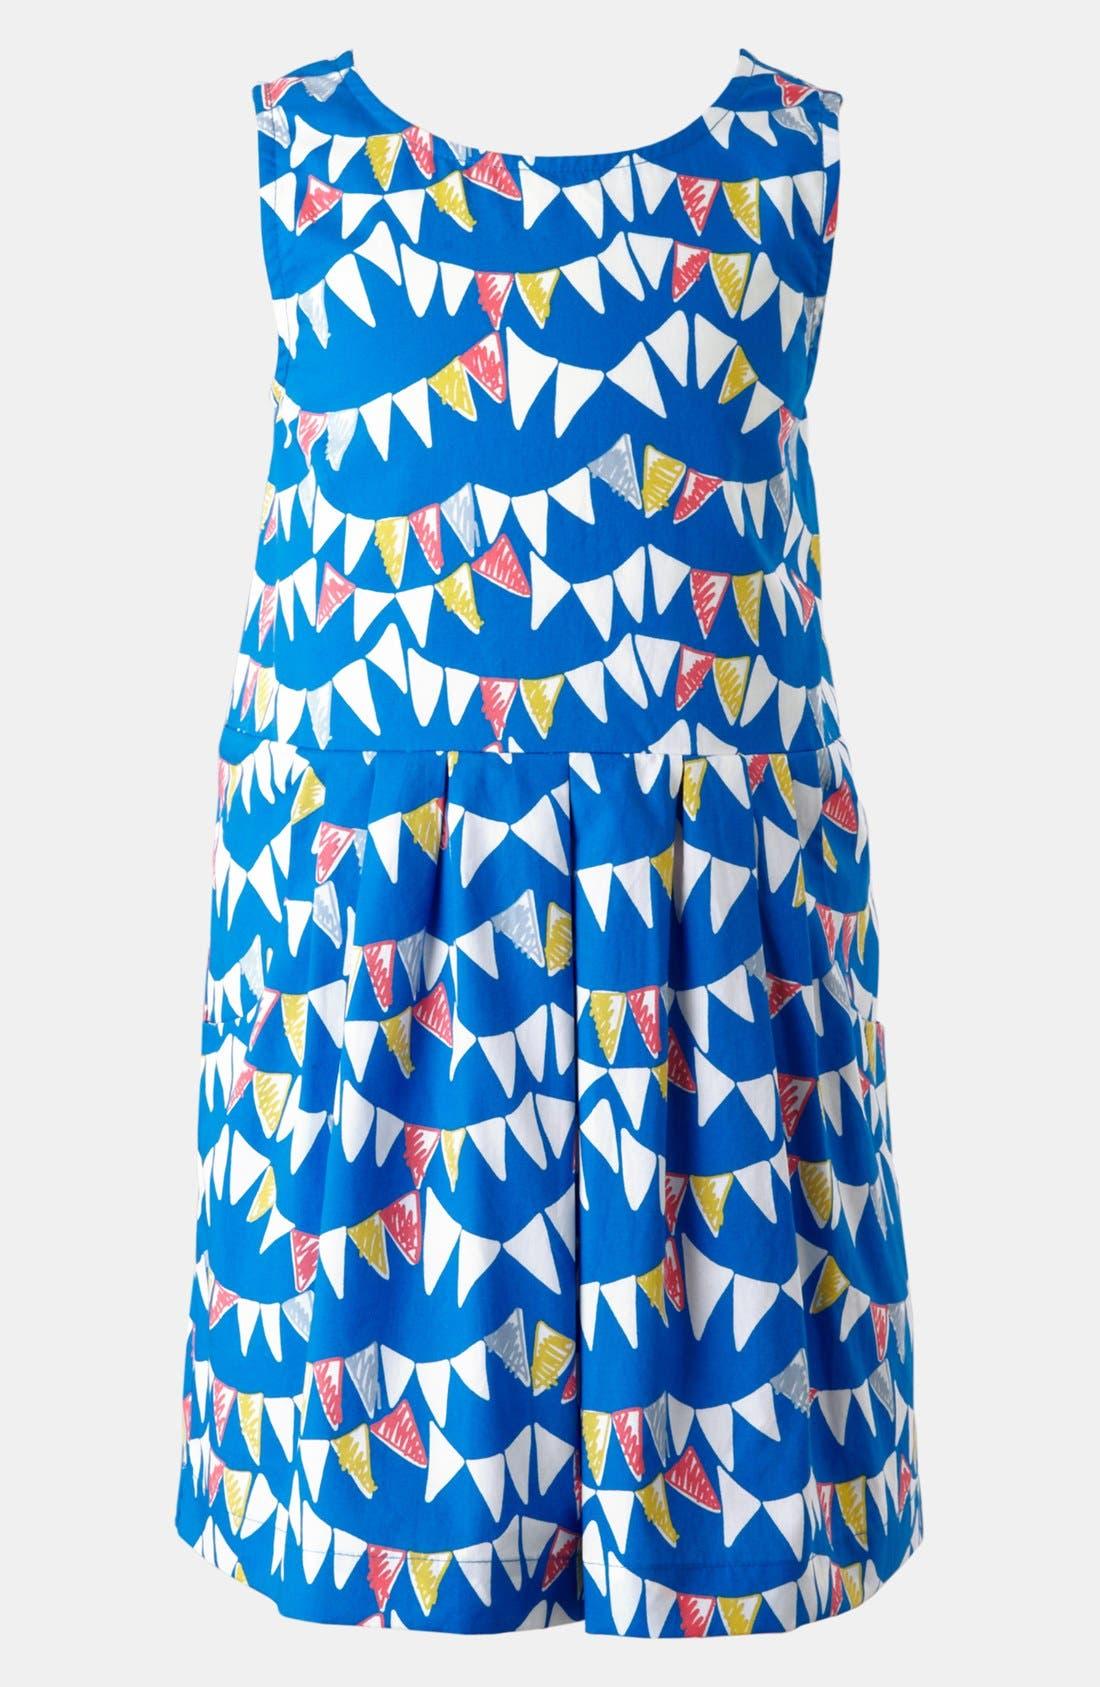 Alternate Image 1 Selected - Mini Boden 'Tulip' Dress (Toddler)